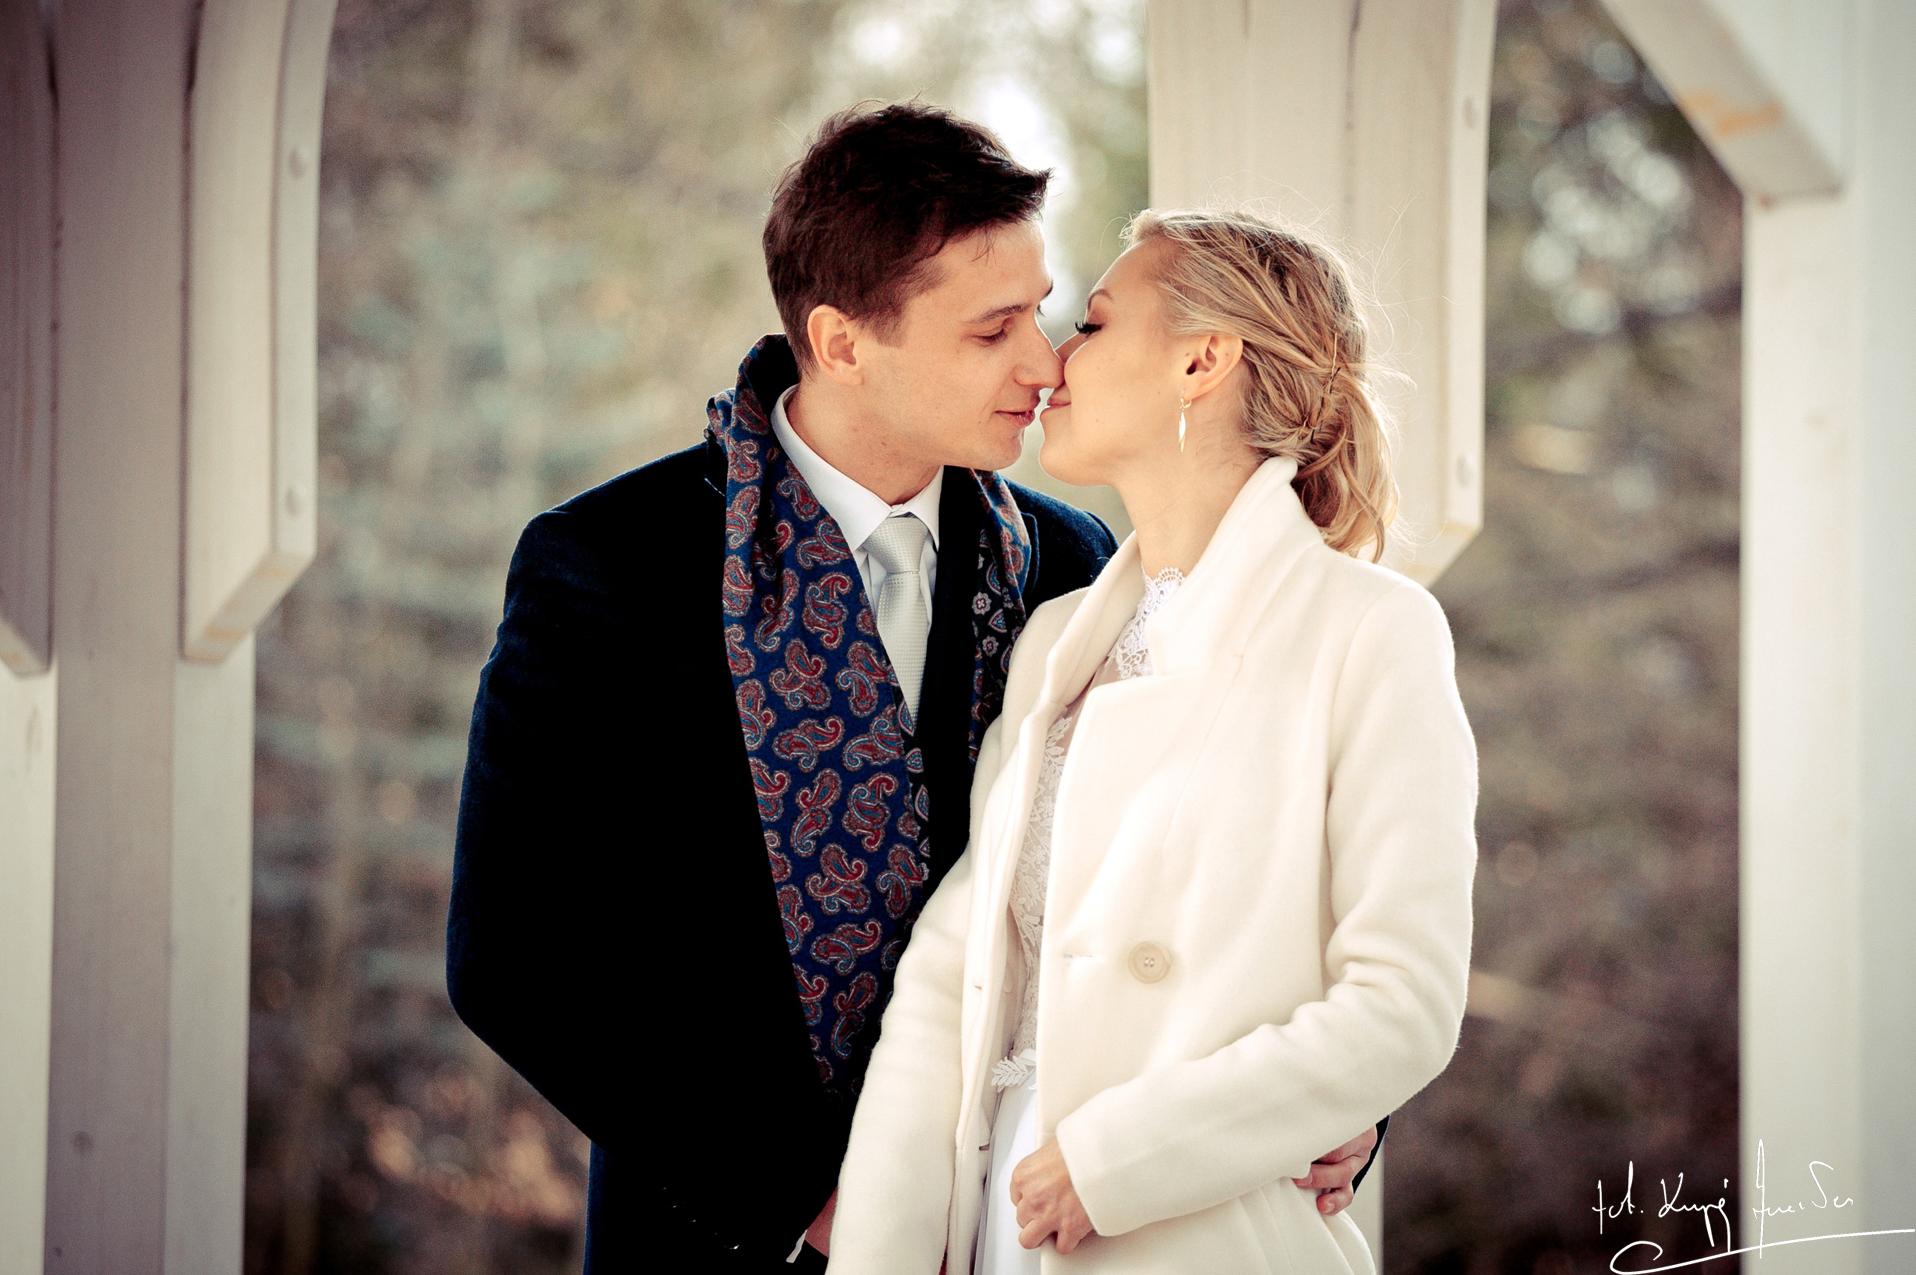 Ślub w jeleniej górze Lutowy Plener z Eweliną i Mikołajem